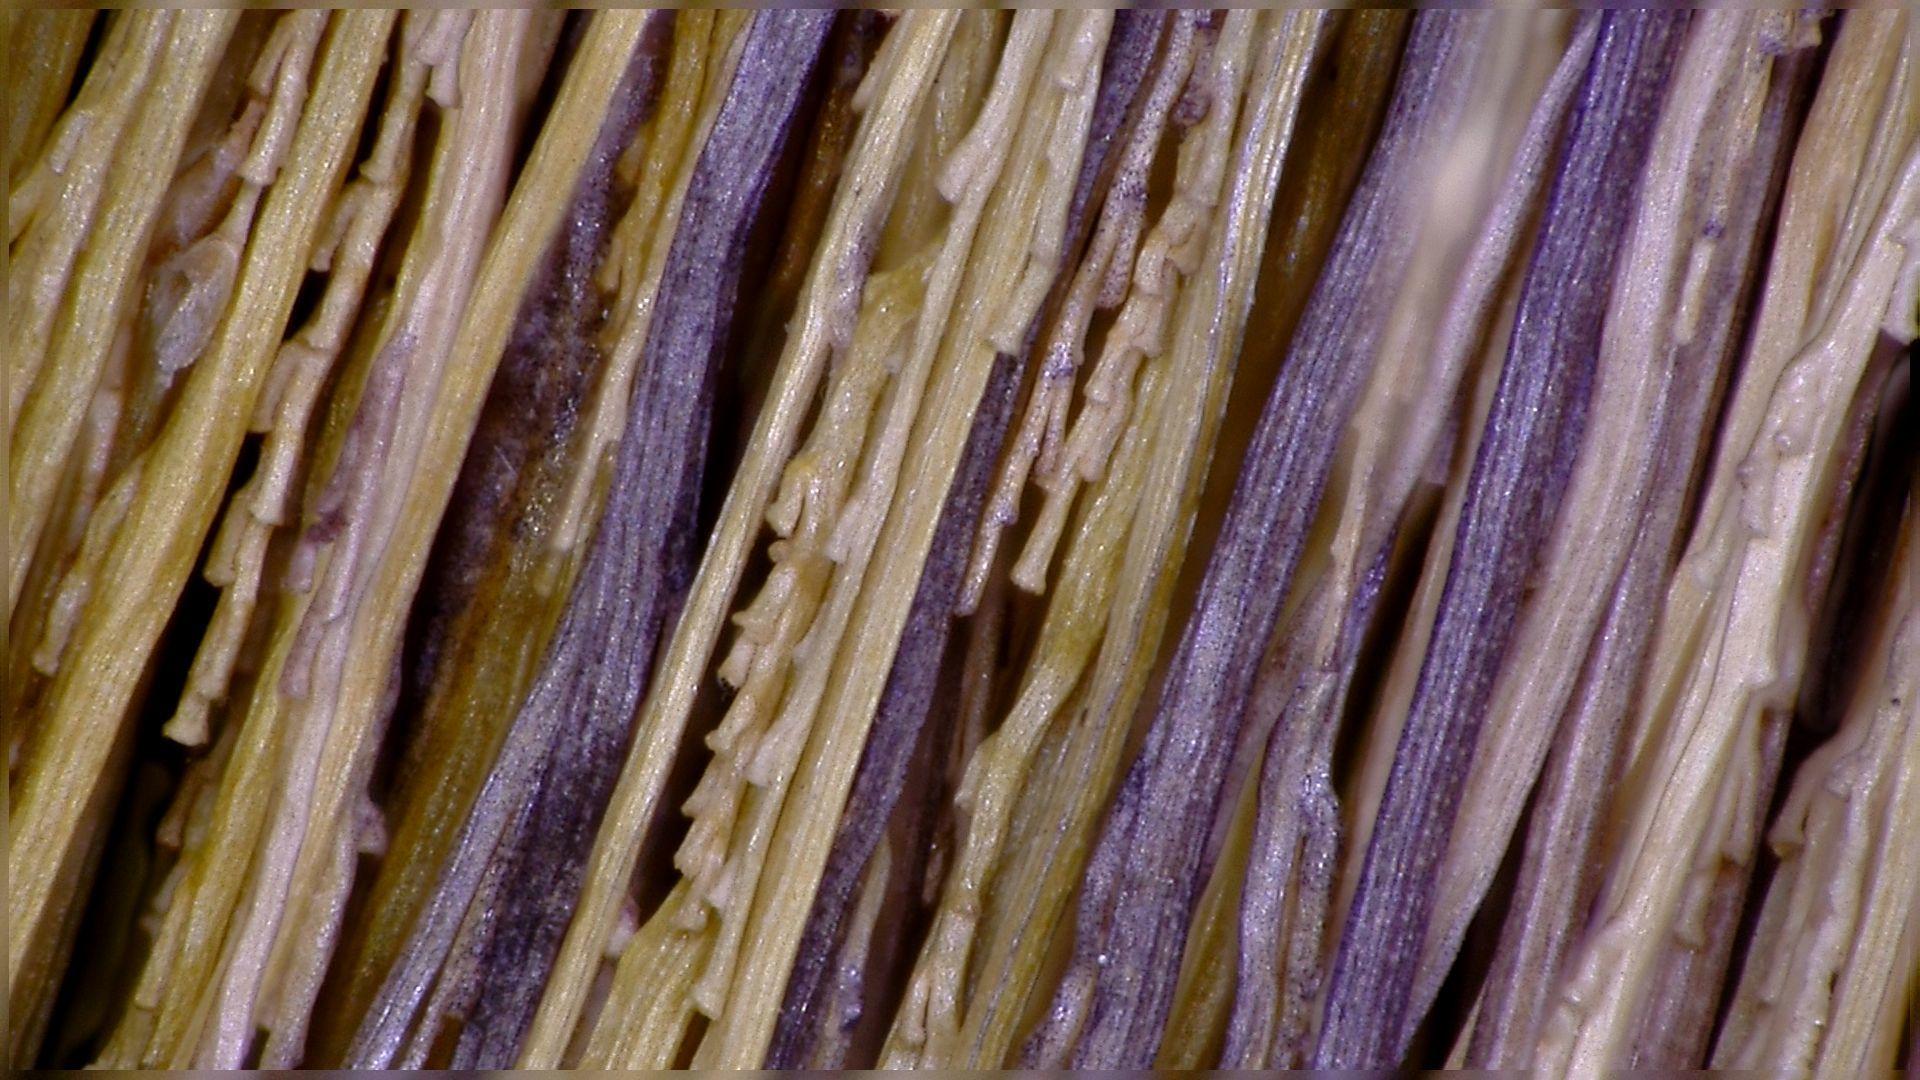 【マイクロスコープの斉藤光学です】ほうきを観察しました。_c0164695_17274365.jpg